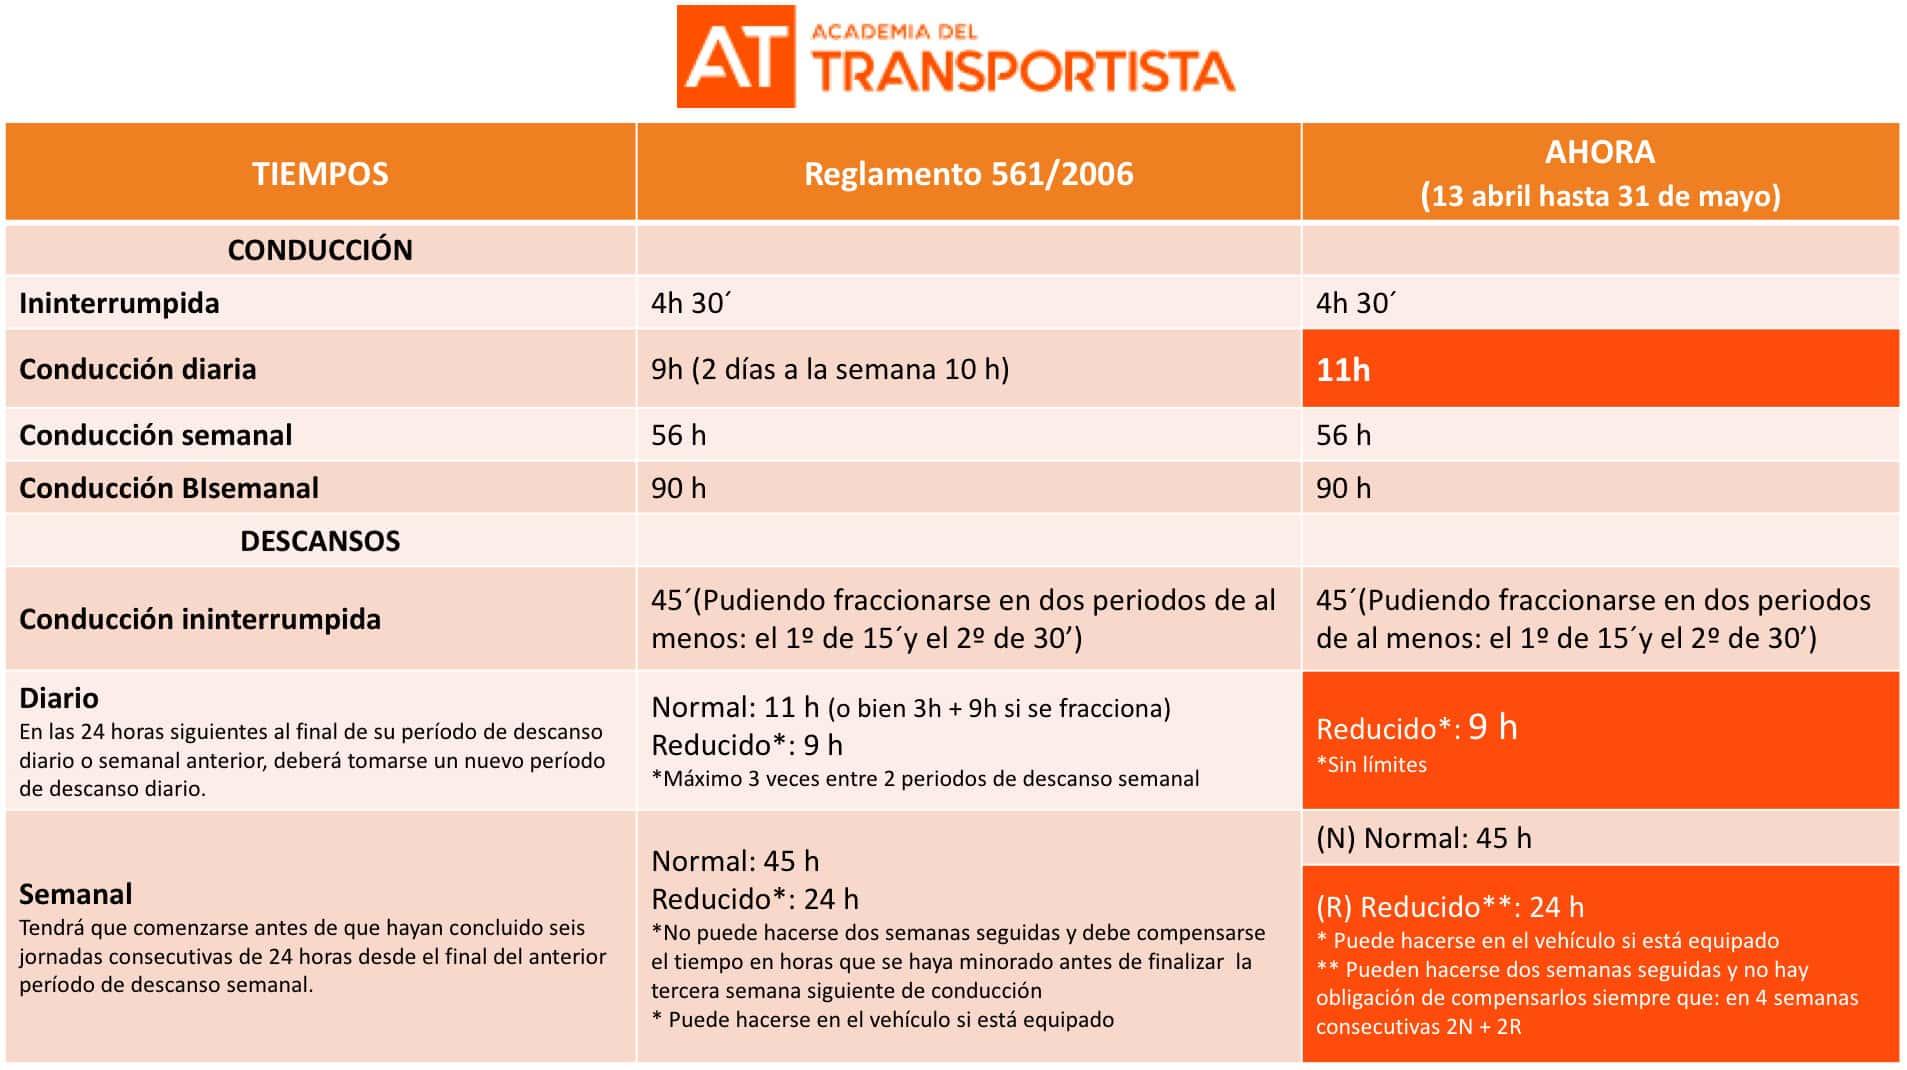 tabla comparativa - academia del transportista